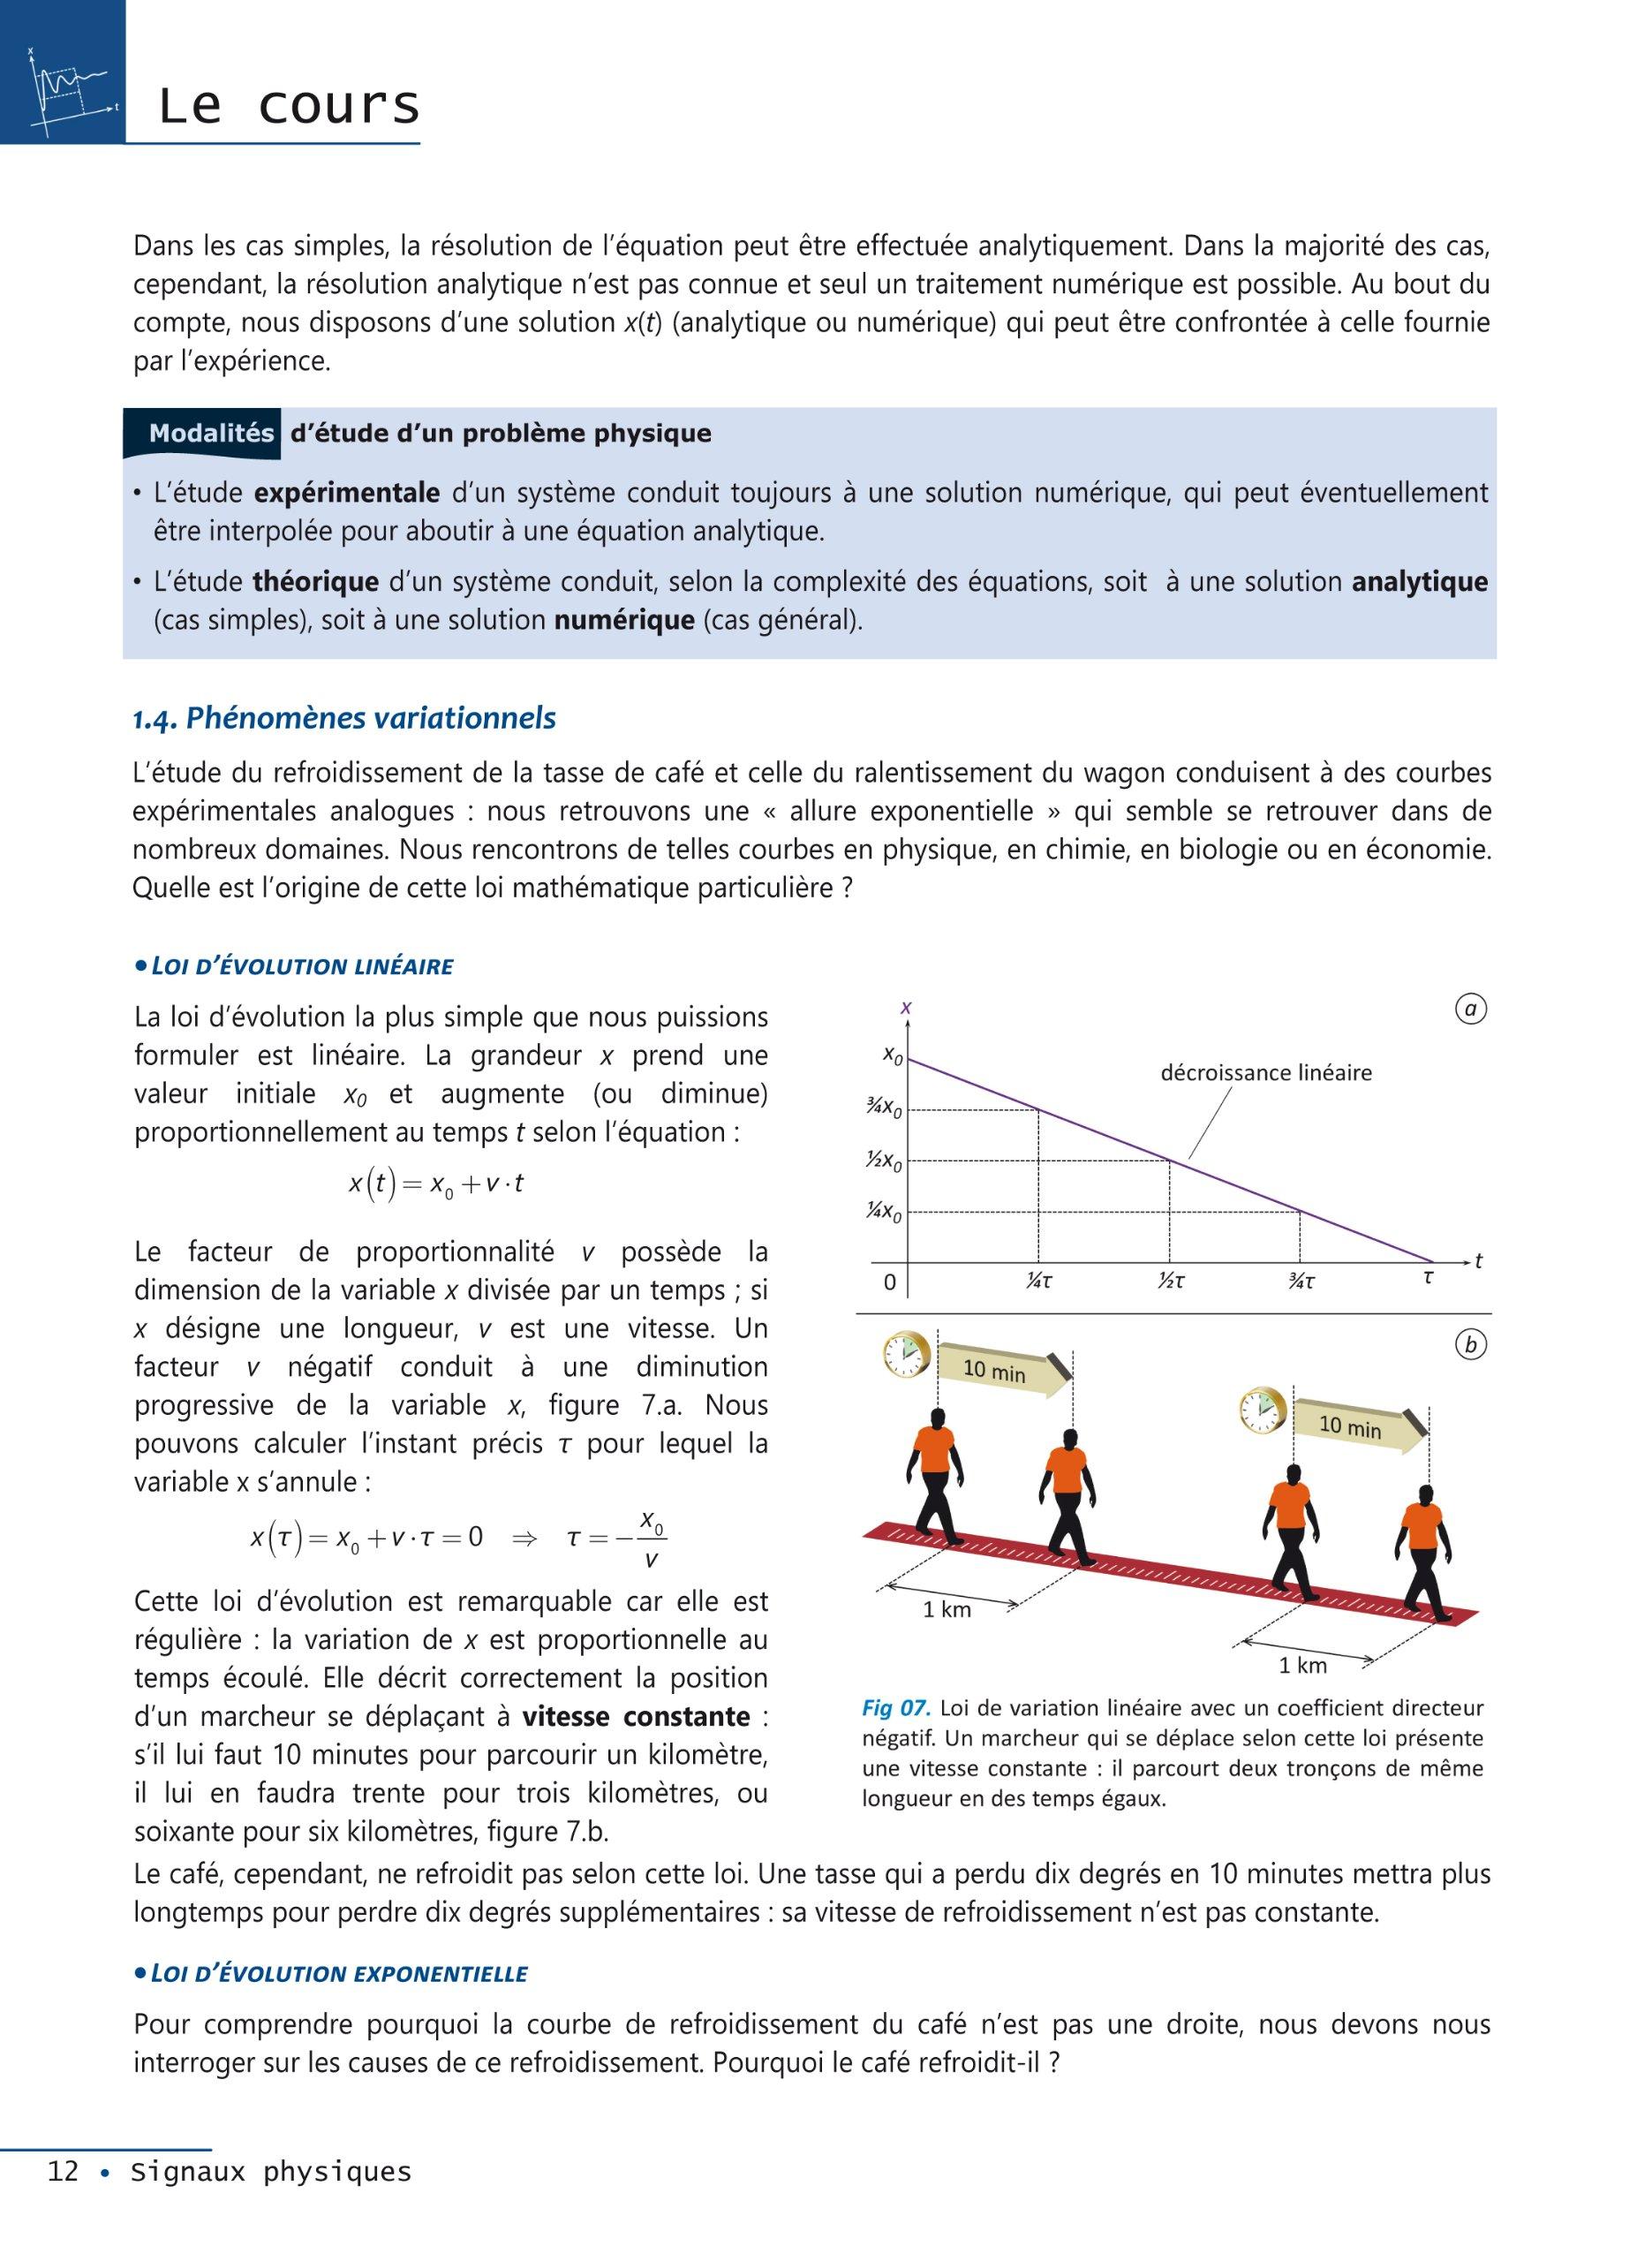 Supermanuel de physique : Tout-en-un MPSI-PCSI-PTSI: Amazon.co.uk: Jérôme  Majou, Stéphane Komilikis: 9782749532189: Books